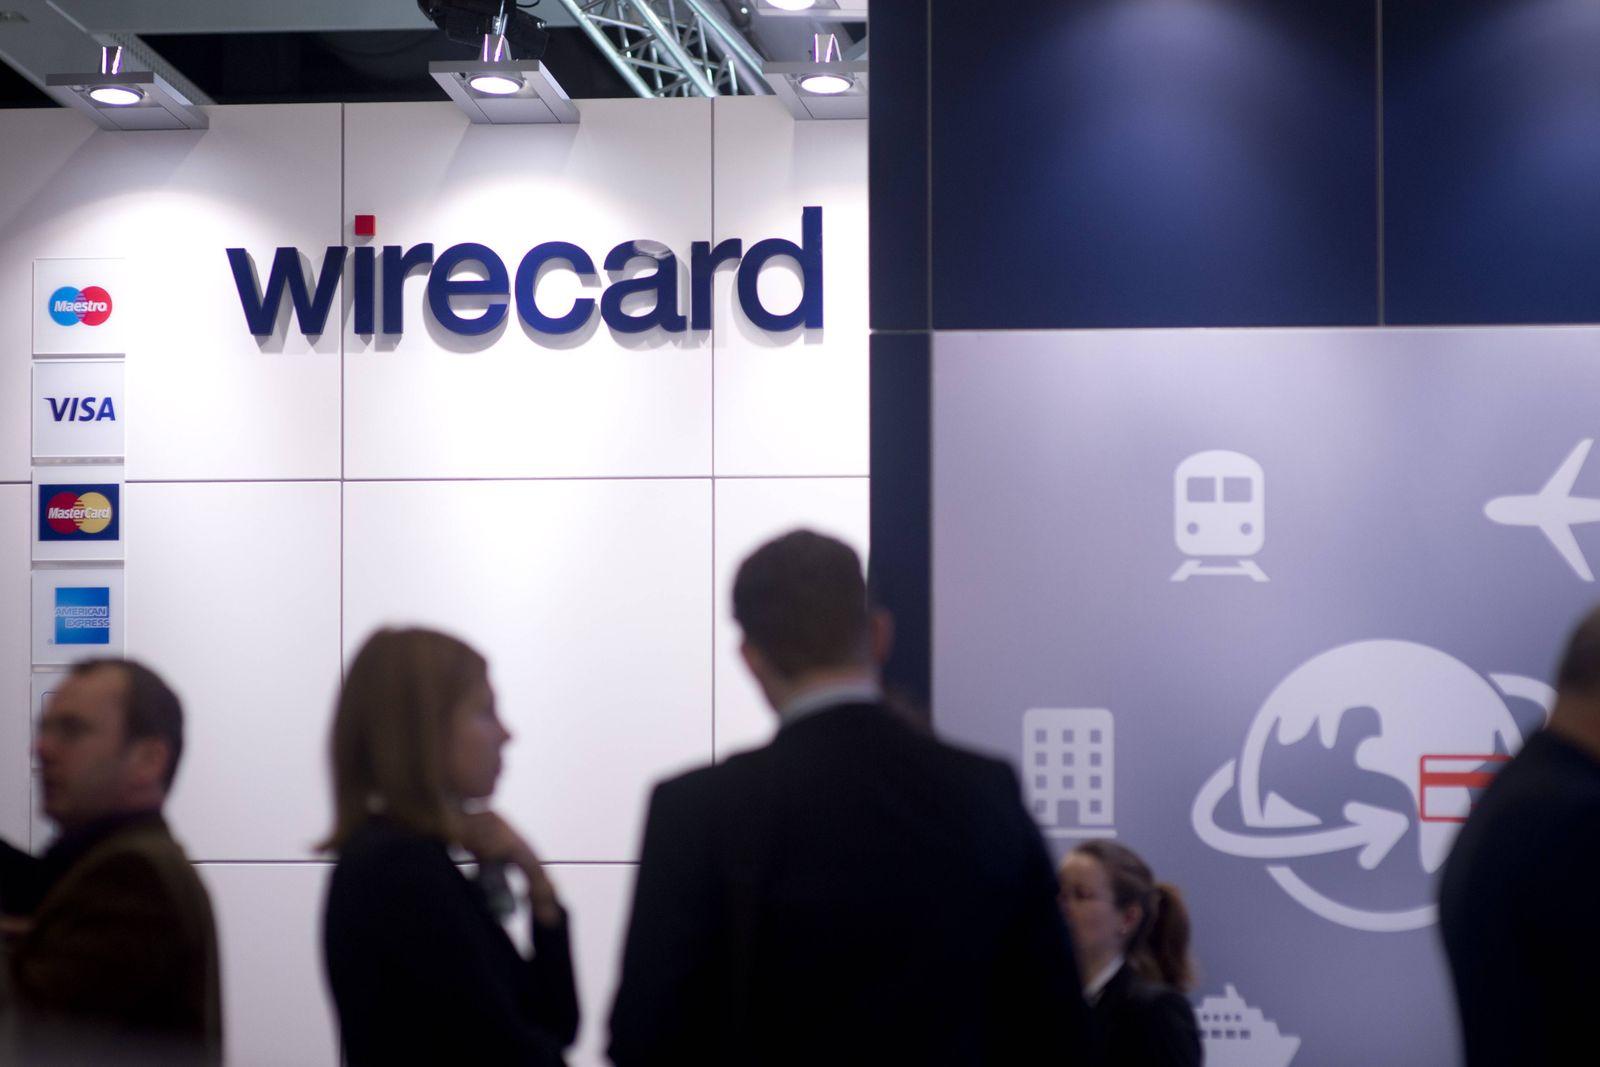 Unternehmen: Wirecard AG ITB Berlin Deu, Deutschland, Germany, Berlin, 06.03.2015 Besucher an einem Stand von Wirecard